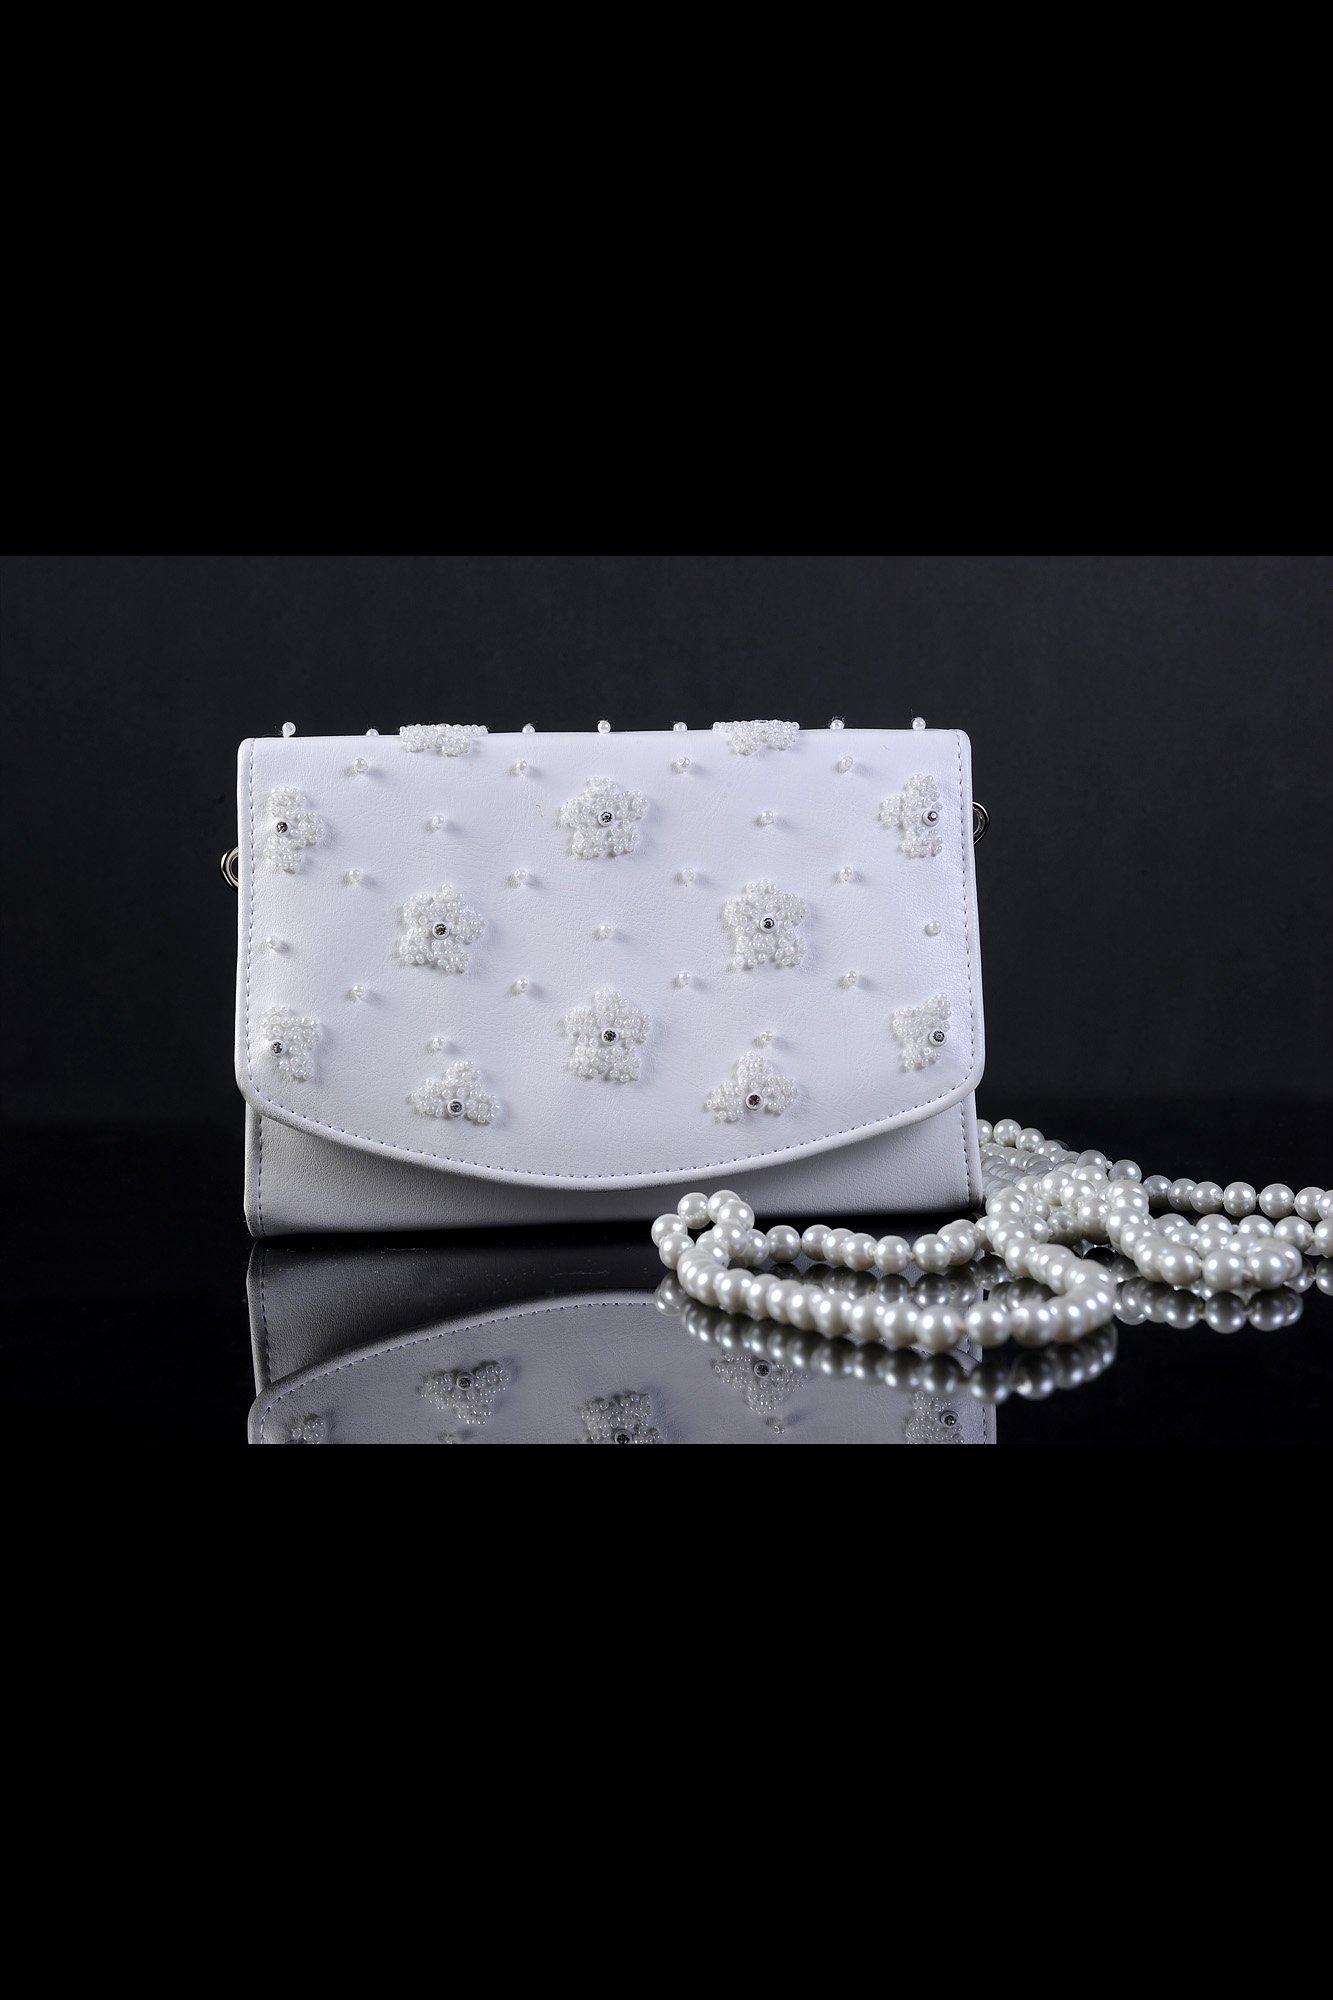 Оригинальная квадратная сумочка для невесты, украшенная бисерной вышивкой.